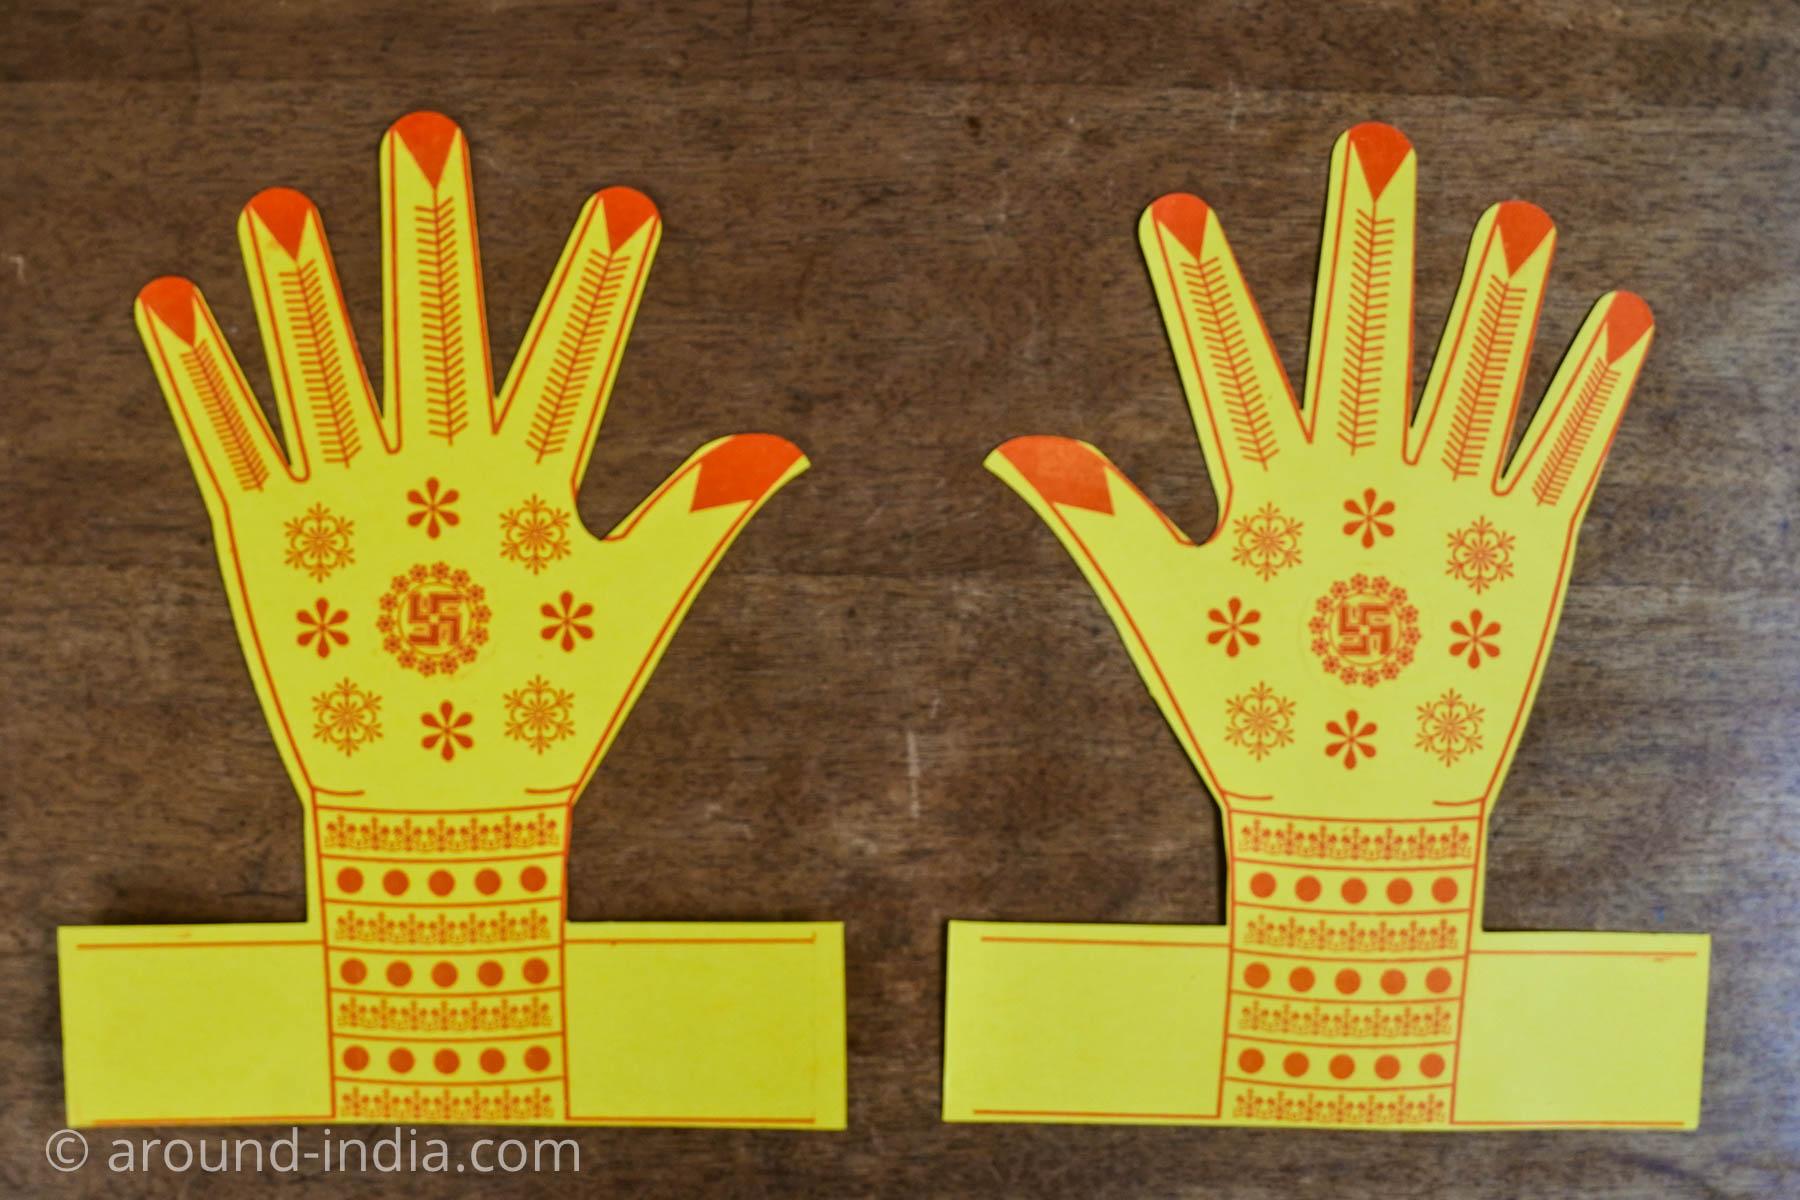 ムンバイ・ネラルのローカル神様の手